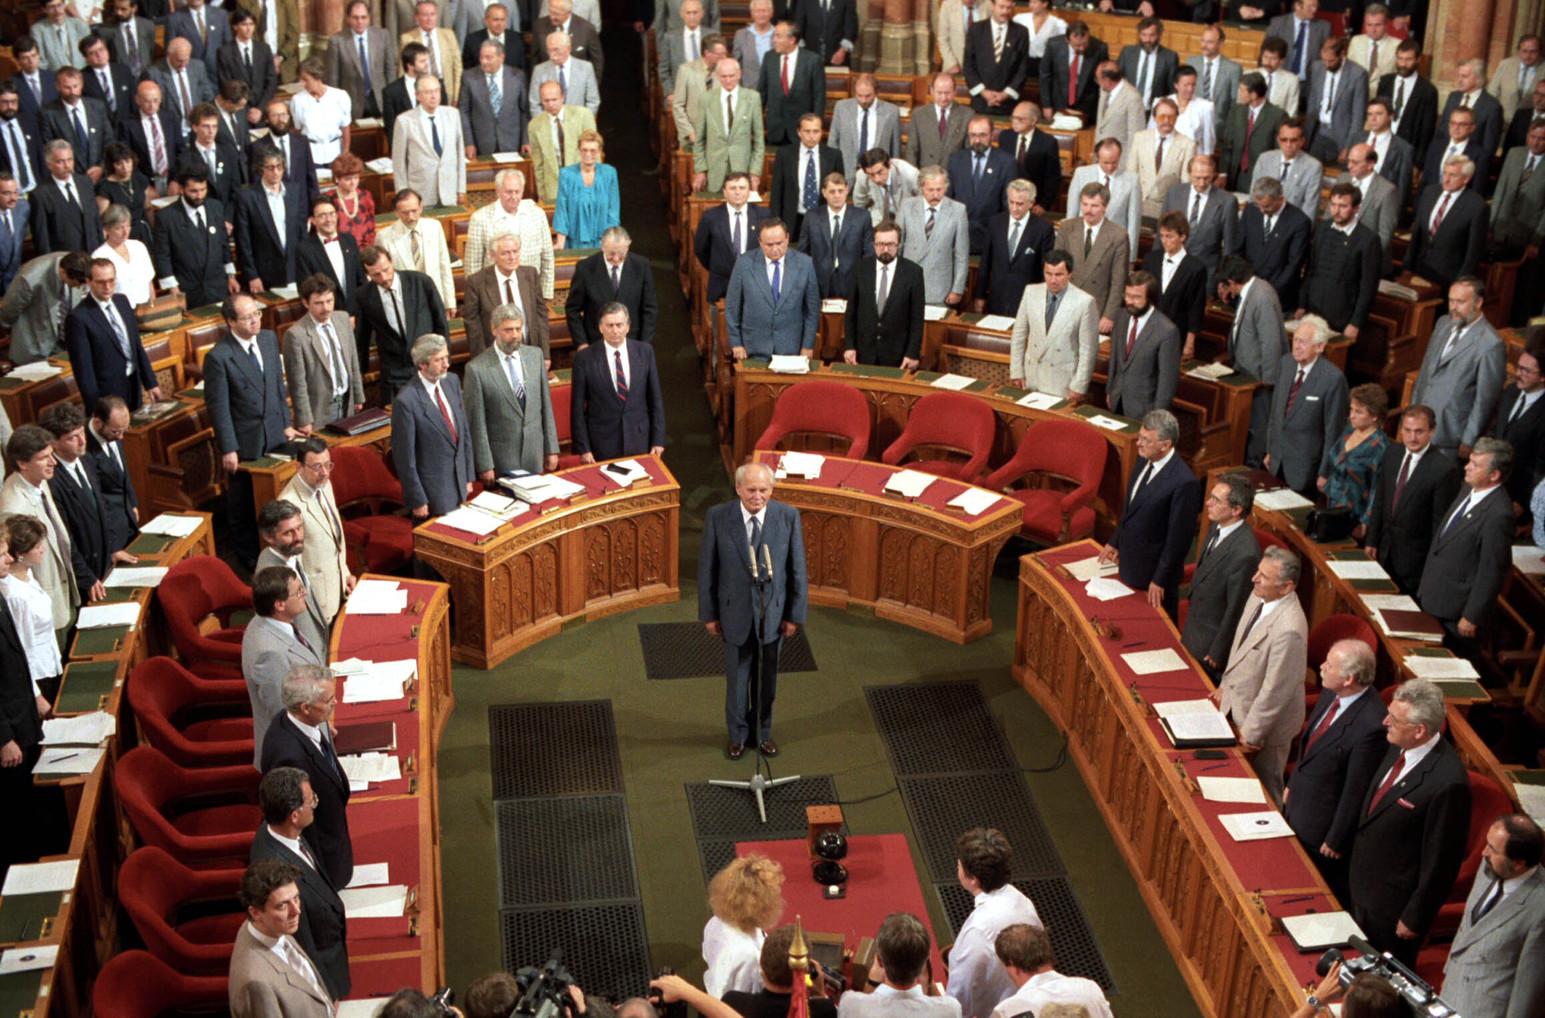 A Magyar Köztársaság Országgyűlése 1990. augusztus 3-i ünnepi ülésén Göncz Árpádot választotta meg  köztársasági elnökké. A felvételen Göncz Árpád az Országházban leteszi az esküt. MTI Fotó: Cseke Csilla